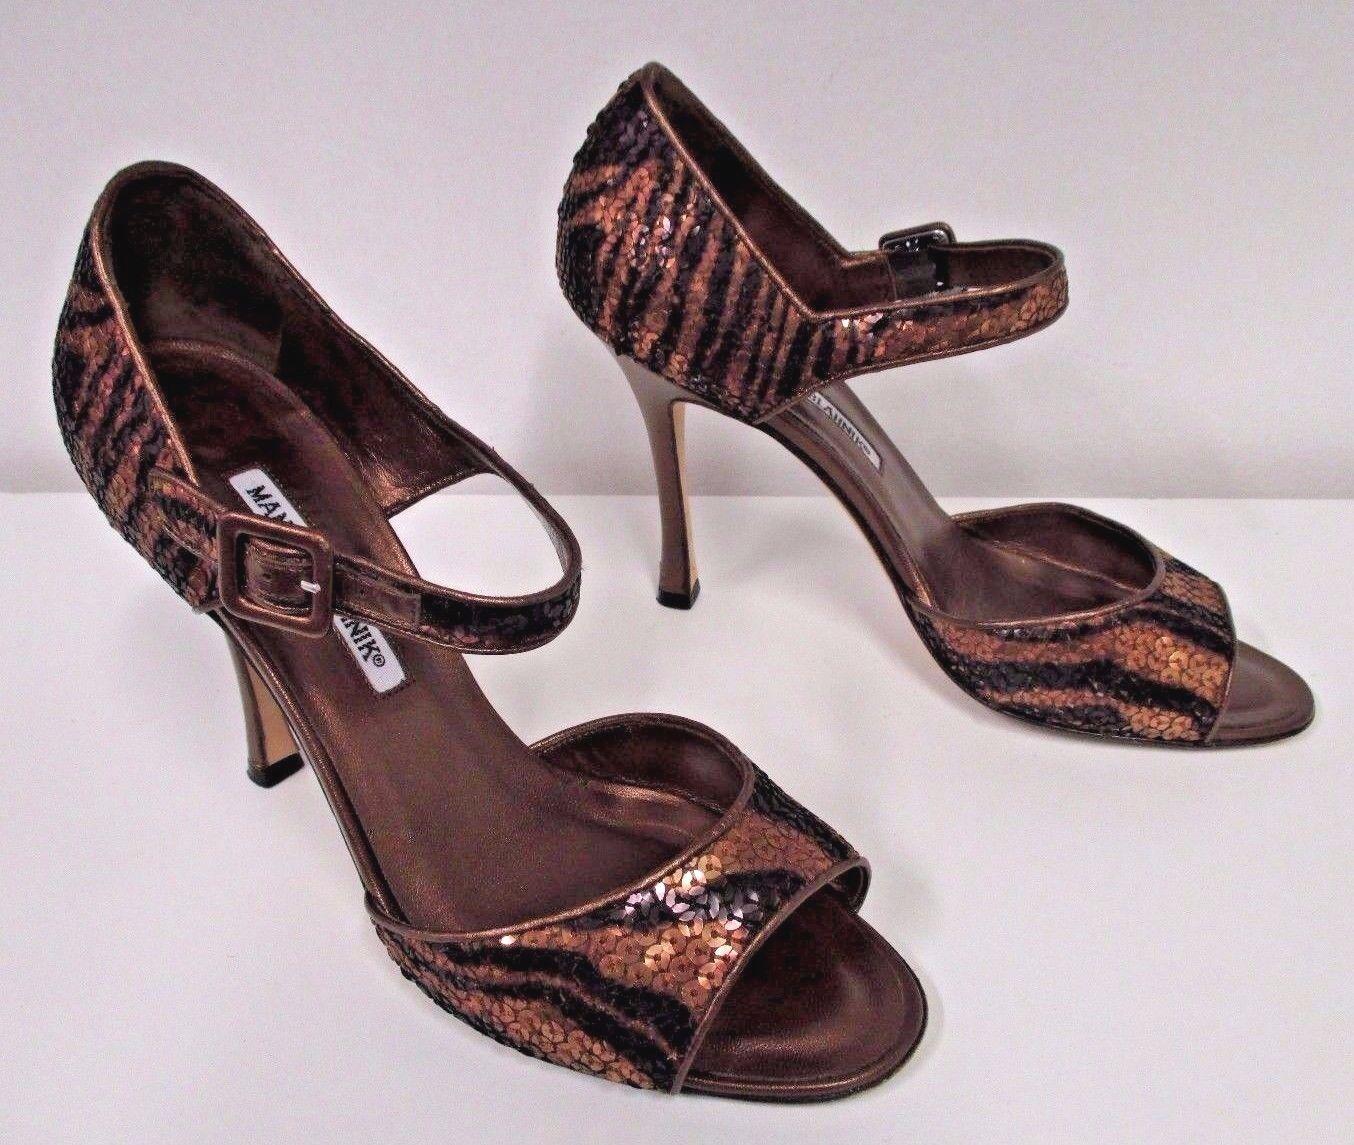 MANOLO BLAHNIK Bronze & Brown Metallic Sequin Open Toe Mary Jane Heels Size 38.5